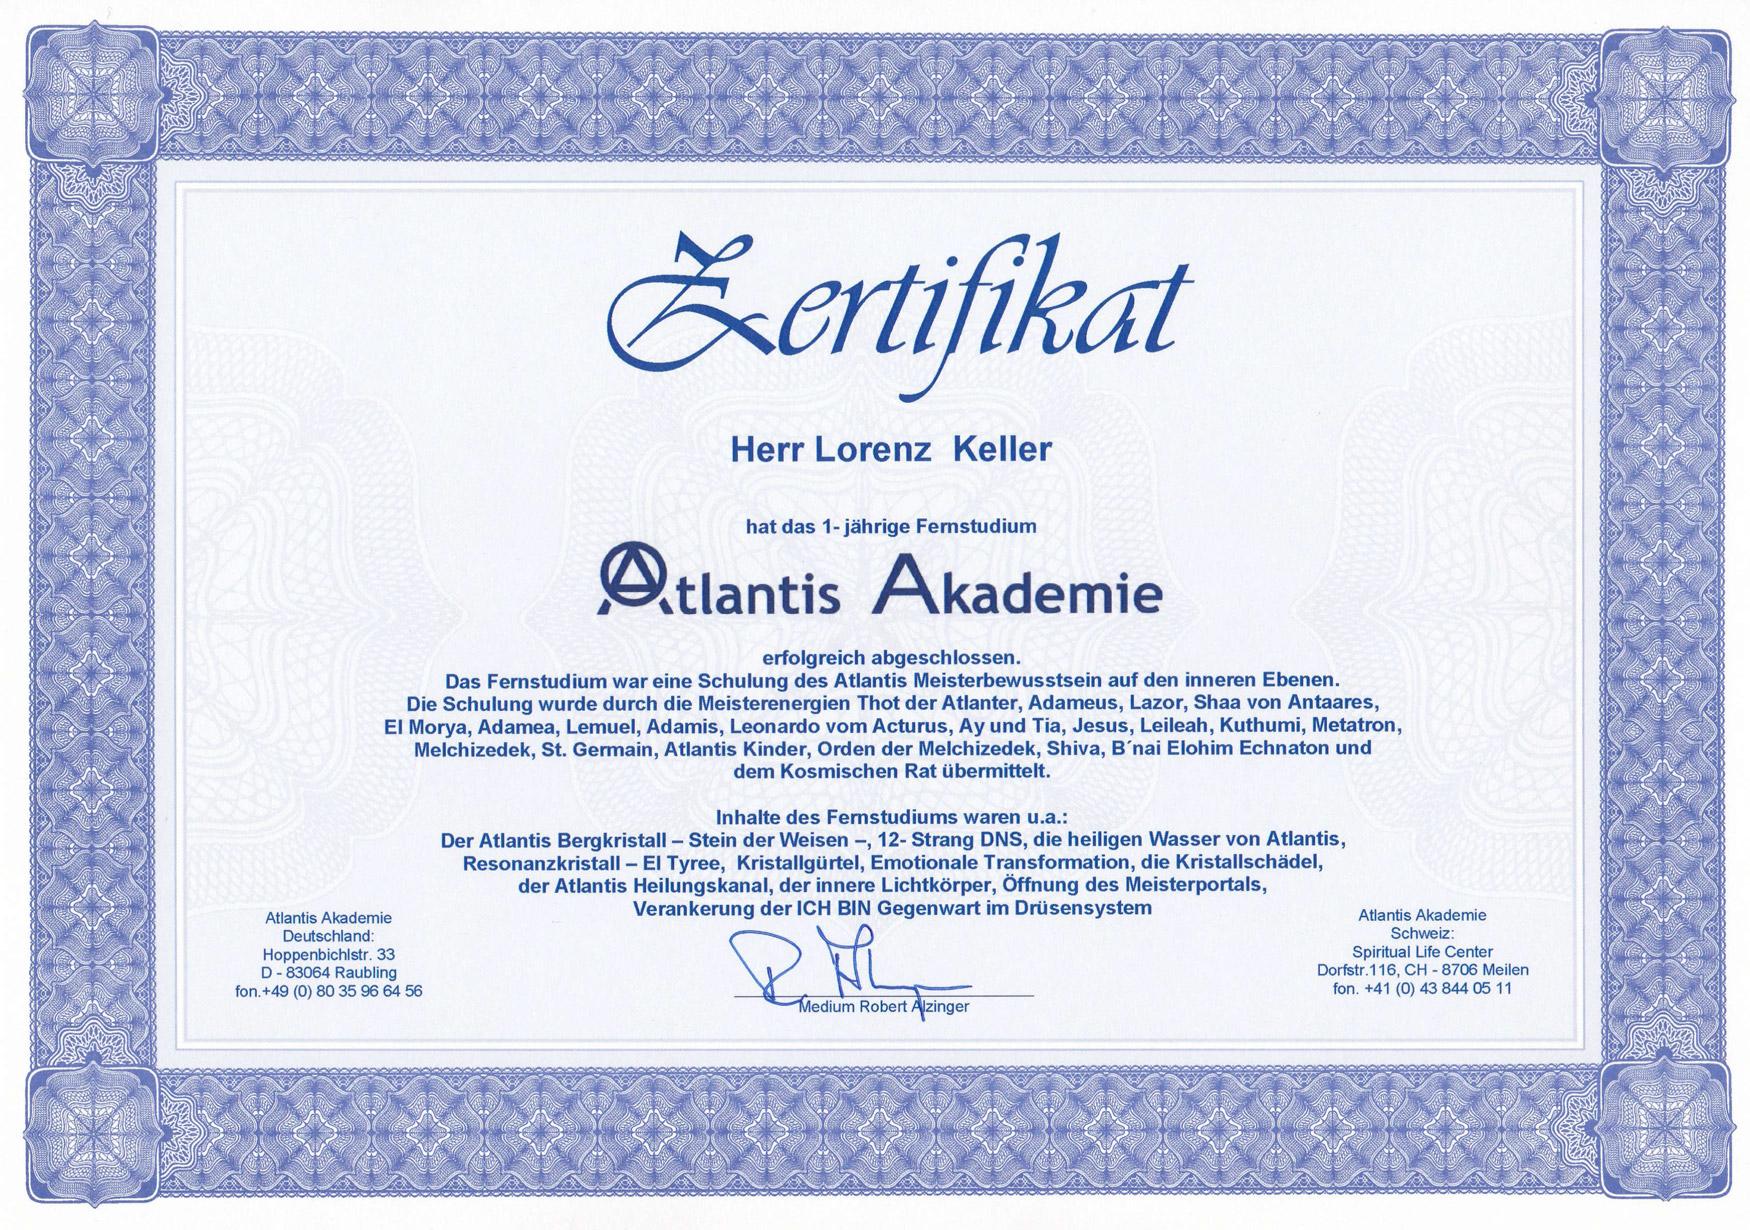 Atlantis Akademie